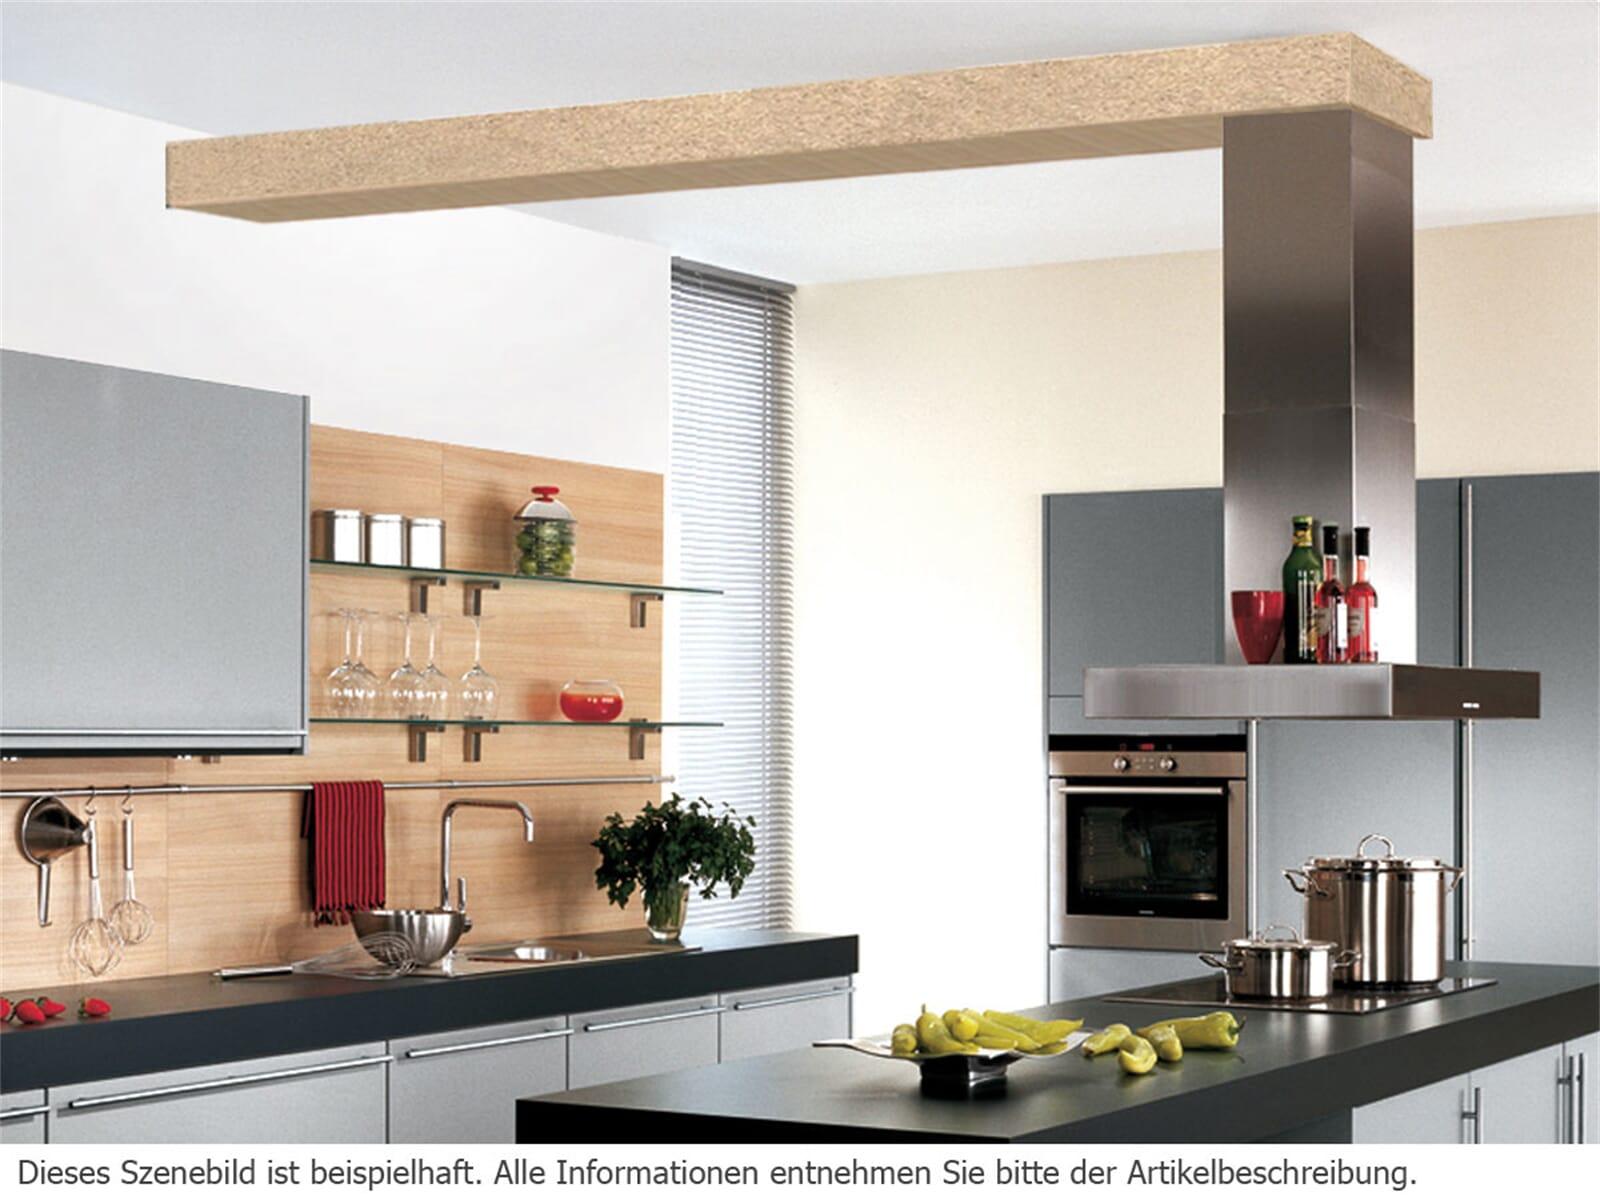 beccy am basteln. Black Bedroom Furniture Sets. Home Design Ideas